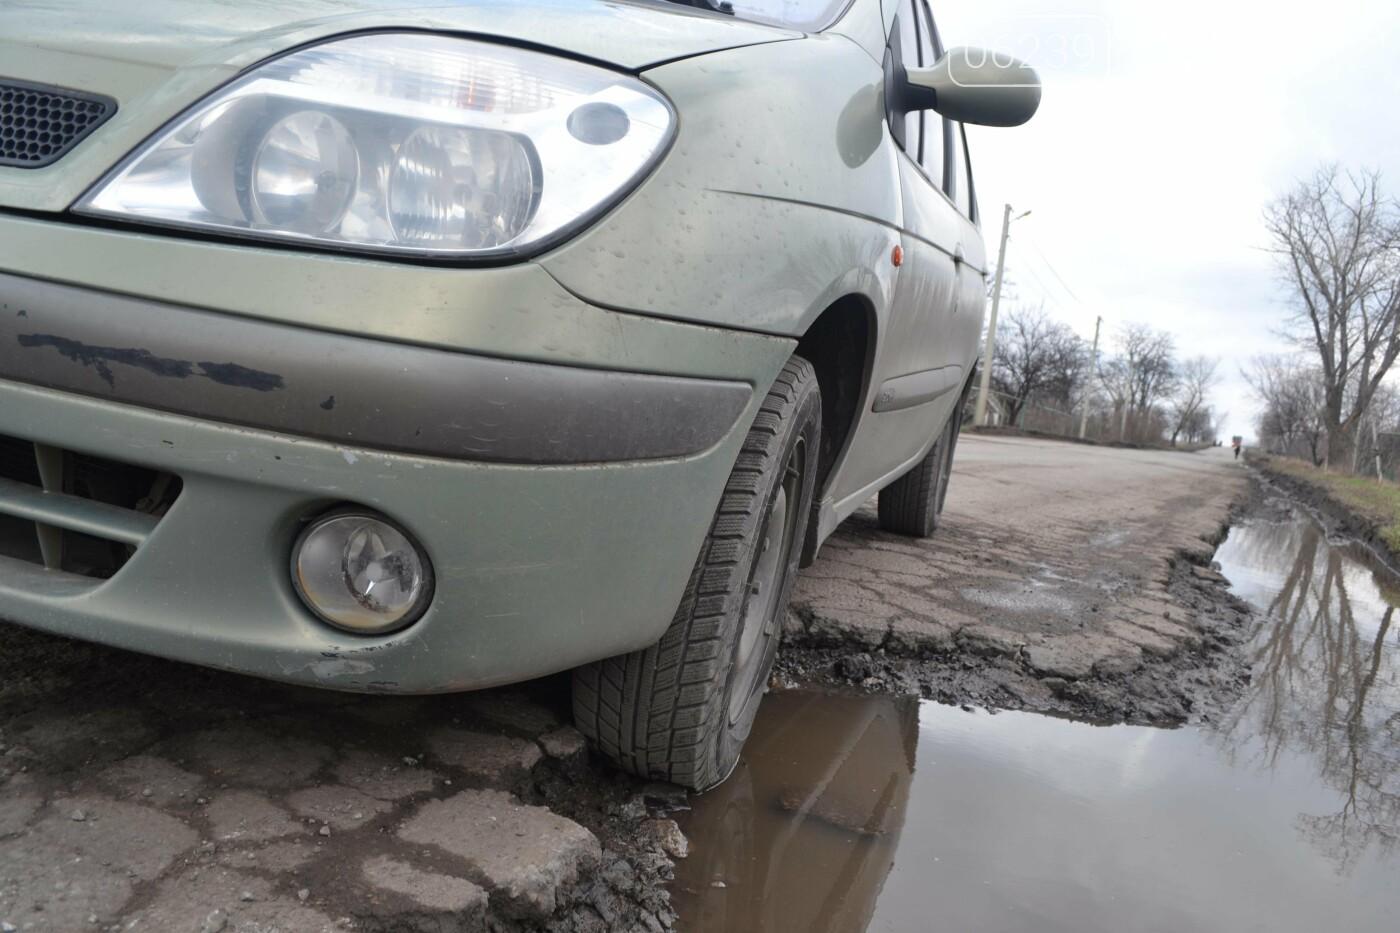 Попал в яму — сам виноват: копы составили протокол на водителя из Покровска, который, въехав в яму, повредил авто, фото-24